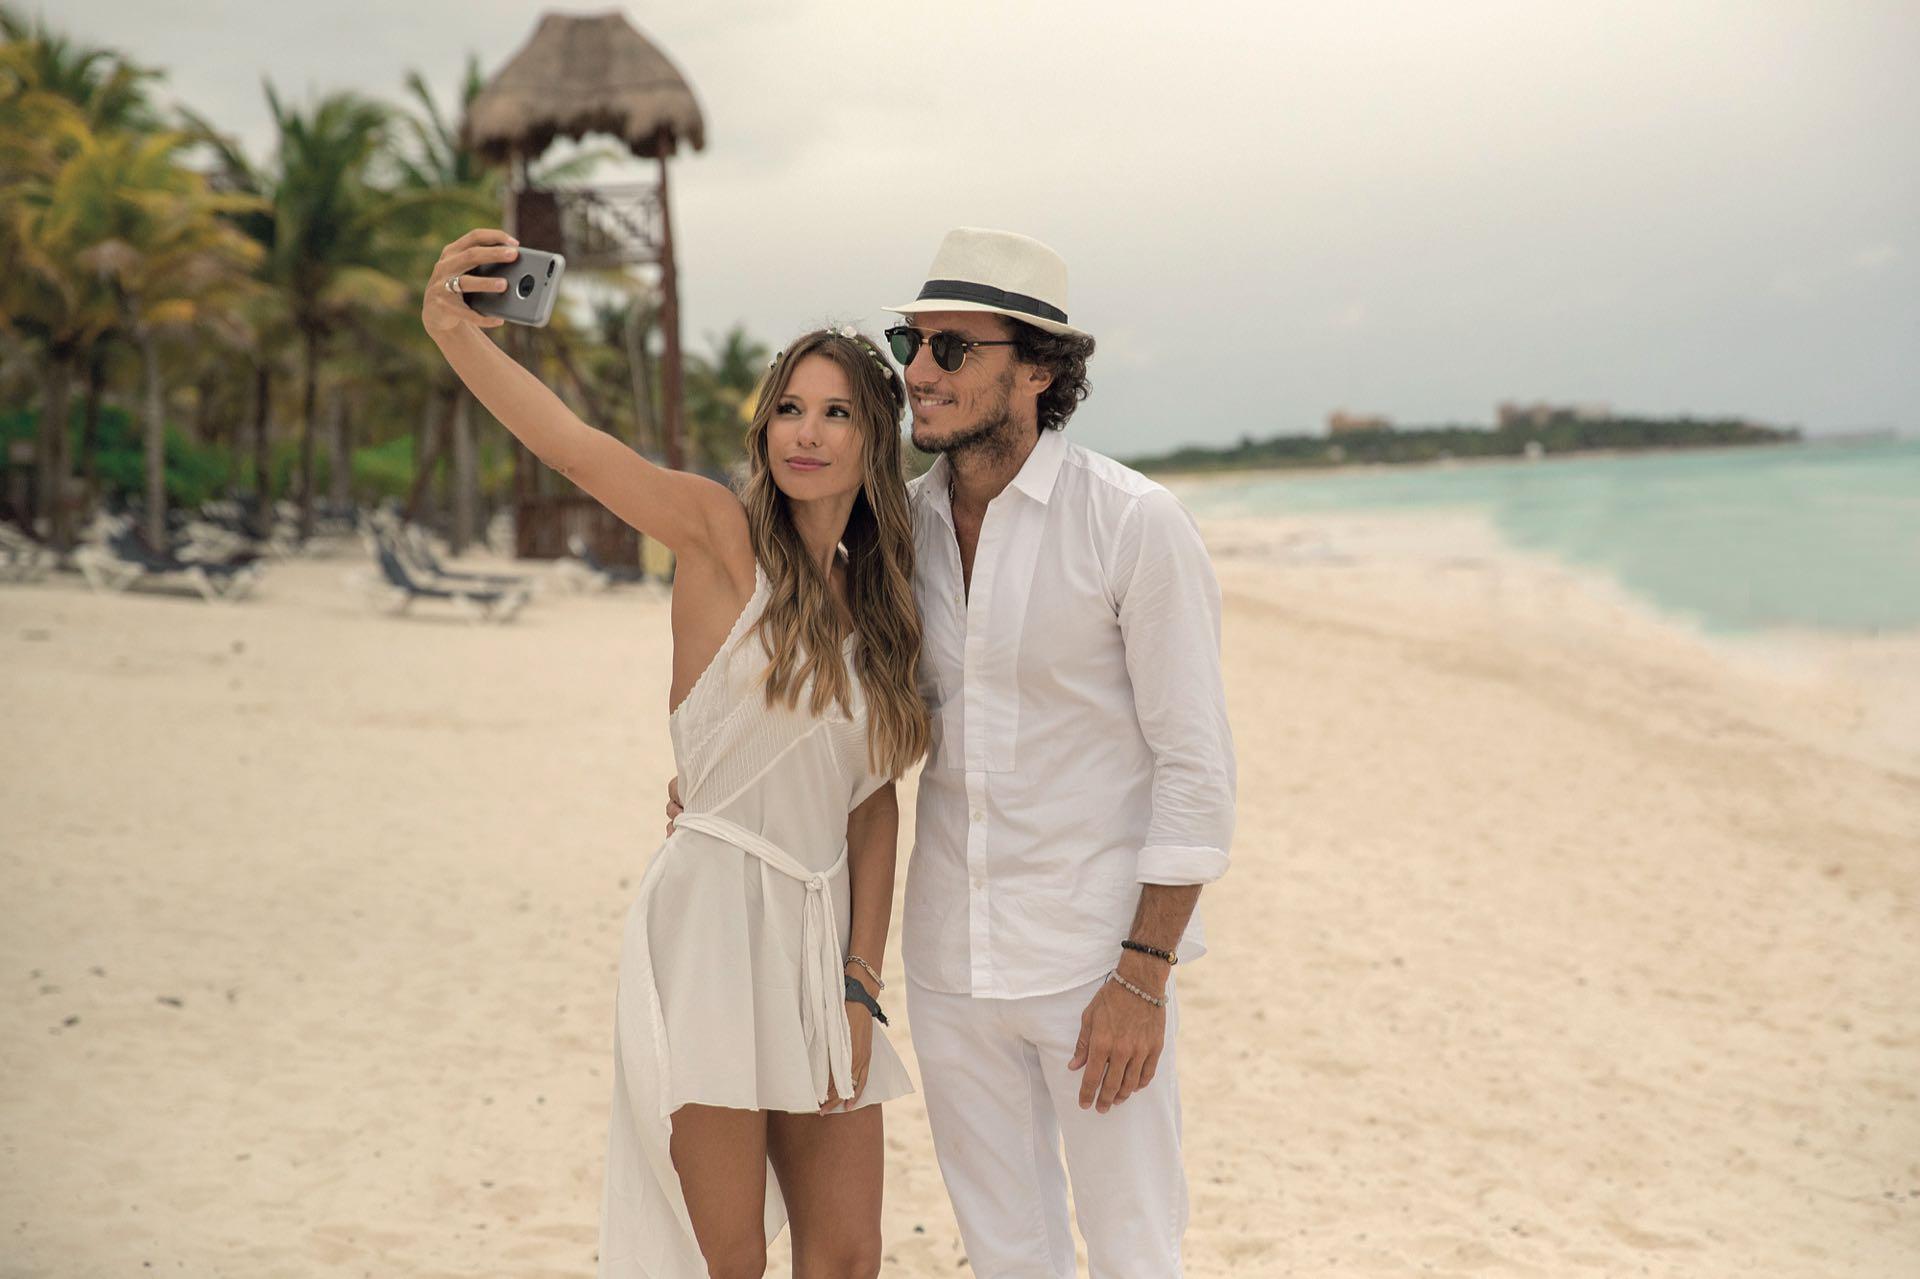 Una selfie junto al mar. Pico y Pampita habían limado asperezas en Punta del Este y en la Riviera Maya llegó la reconciliación definitiva.